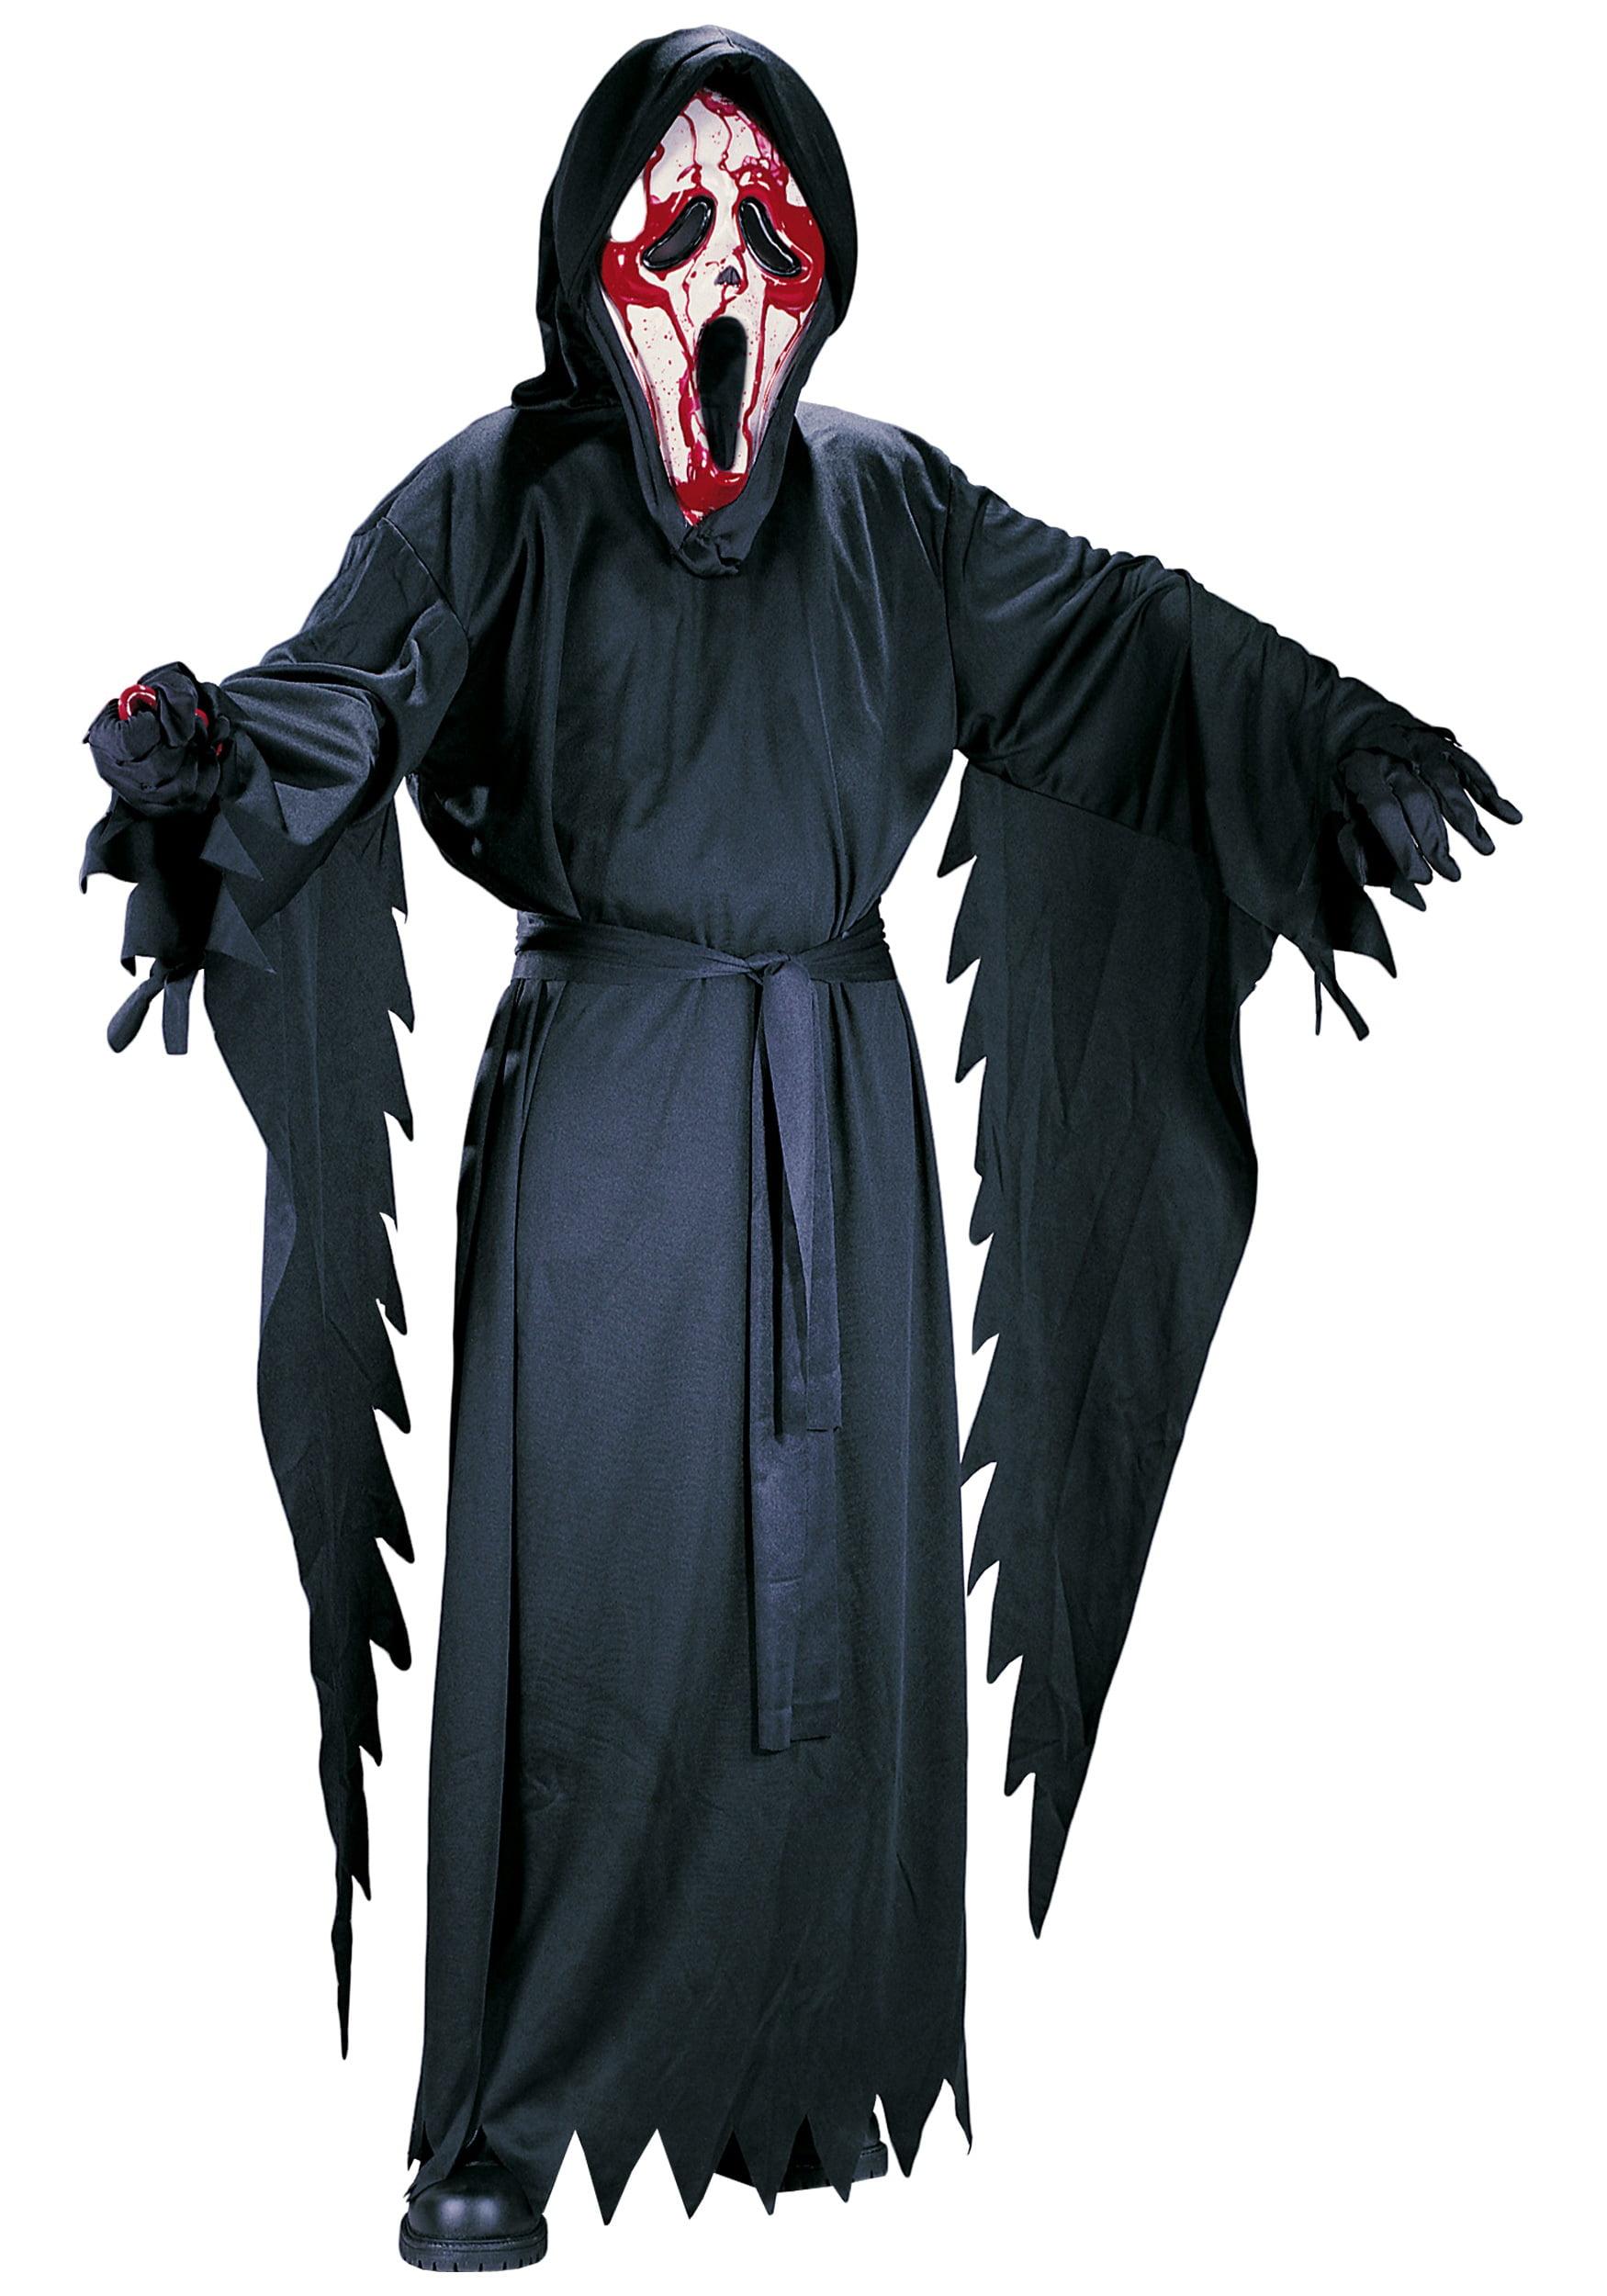 Bleeding Scream Mask Ghost Face Halloween Fancy Dress